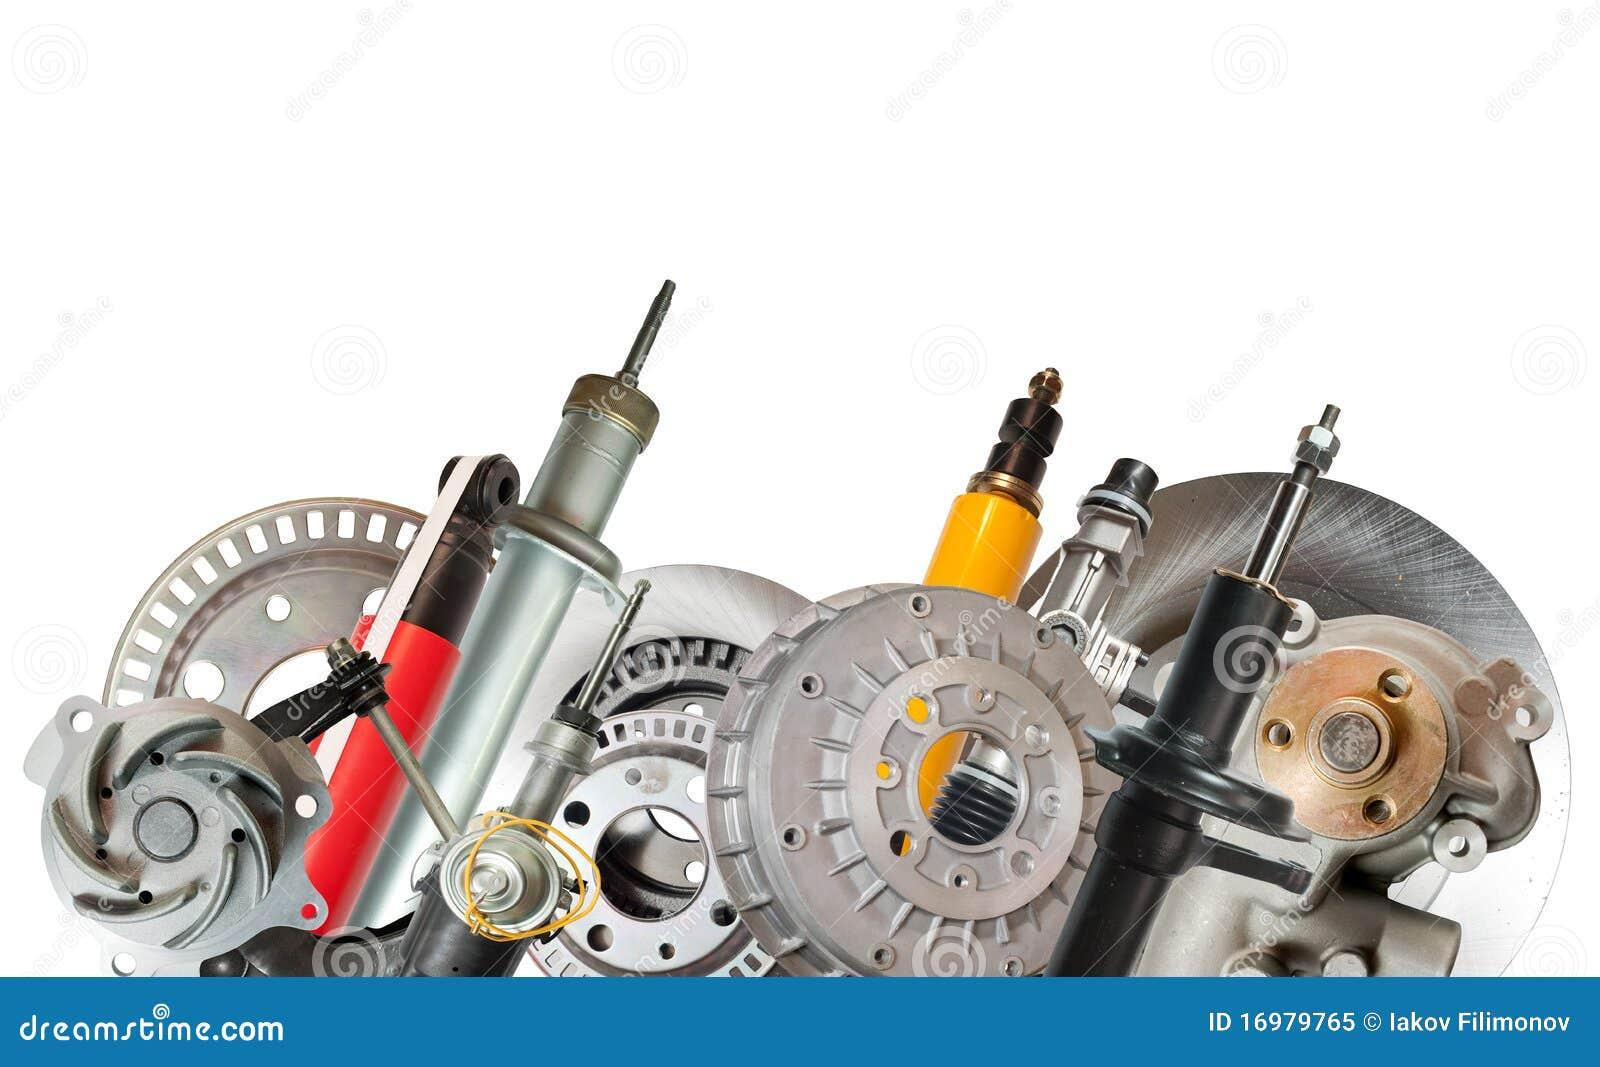 vehicles explore parts maintenance